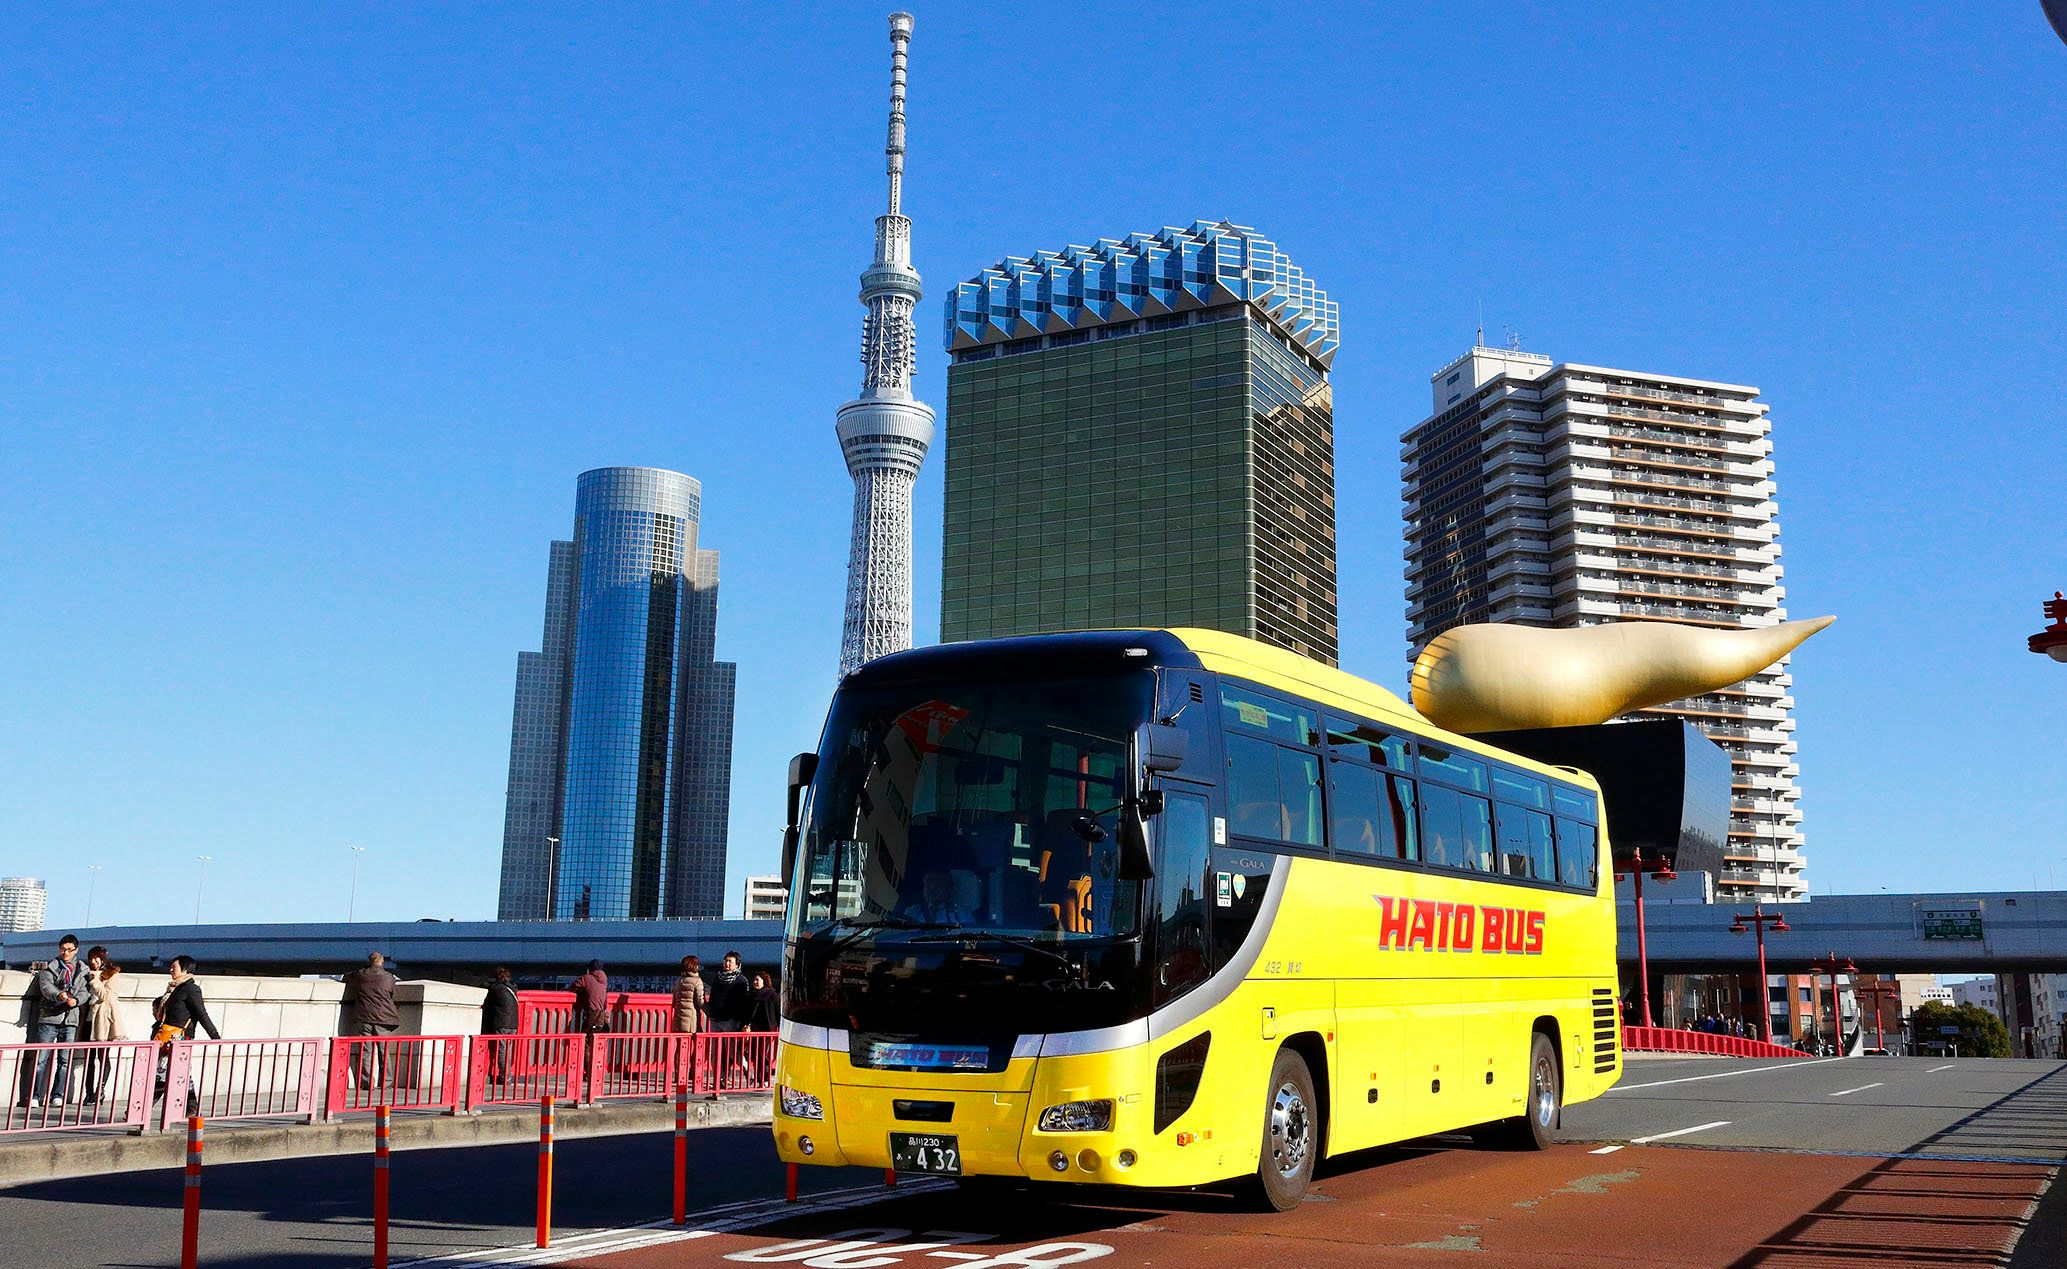 都内を走るはとバス